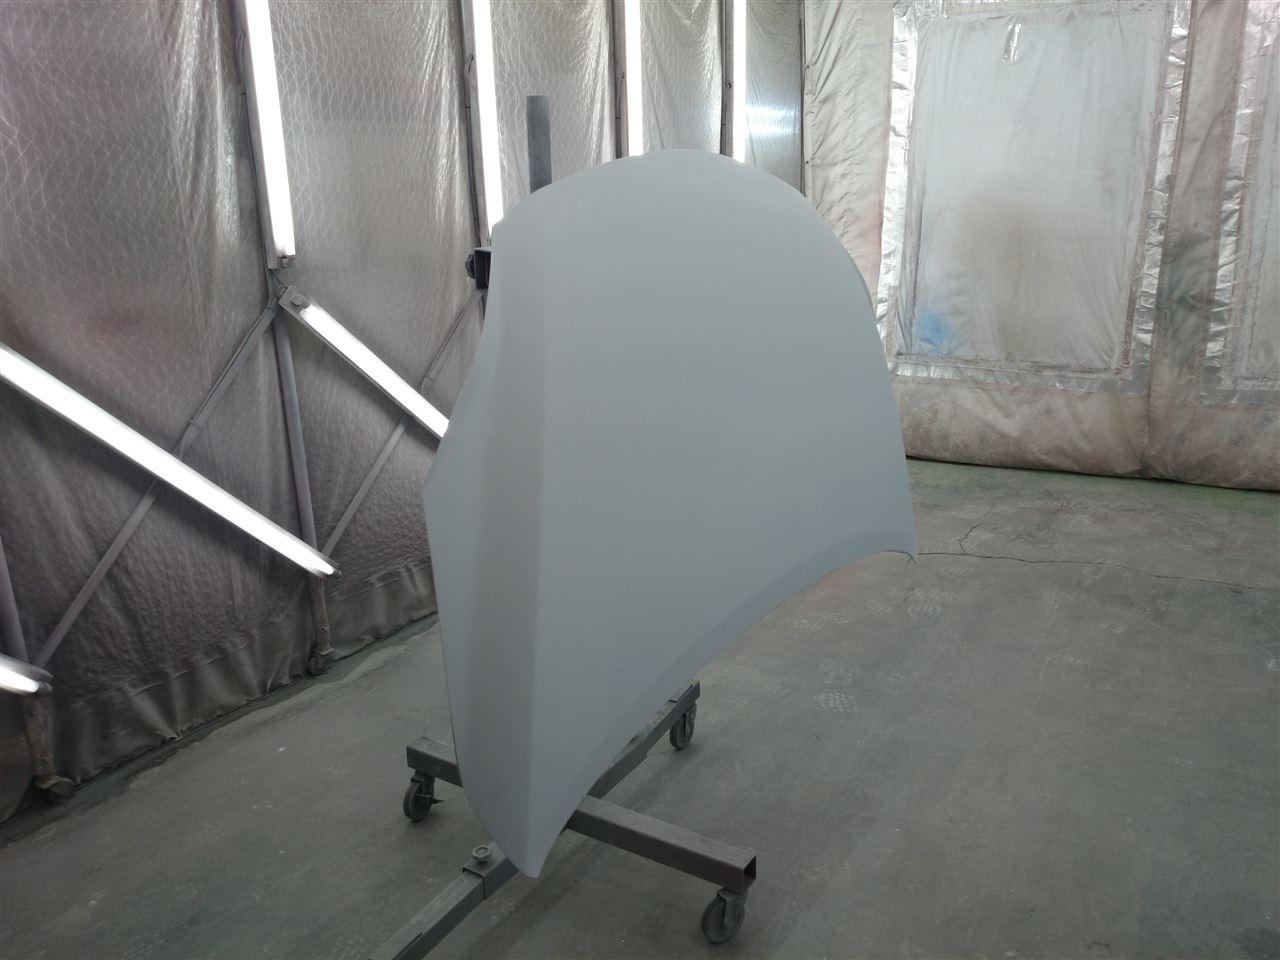 東京都立川市の車の板金塗装修理工場 ガレージローライドのマツダ プレマシーのボンネットカスタム加工 です。